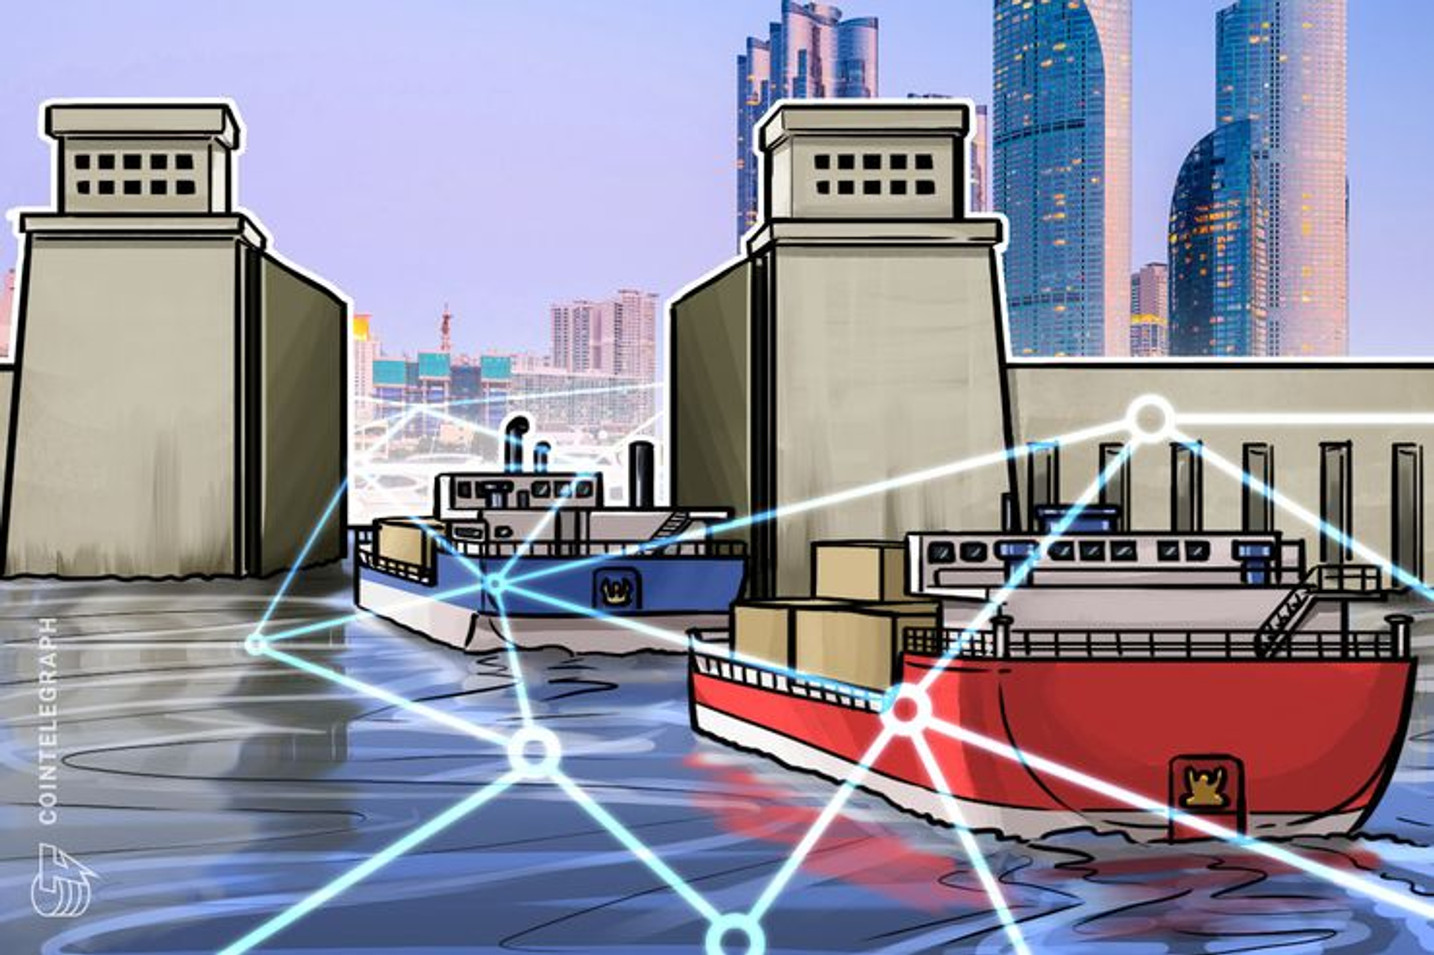 España: Impulsan la innovación en puertos, con tecnología Blockchain e Inteligencia Artificial